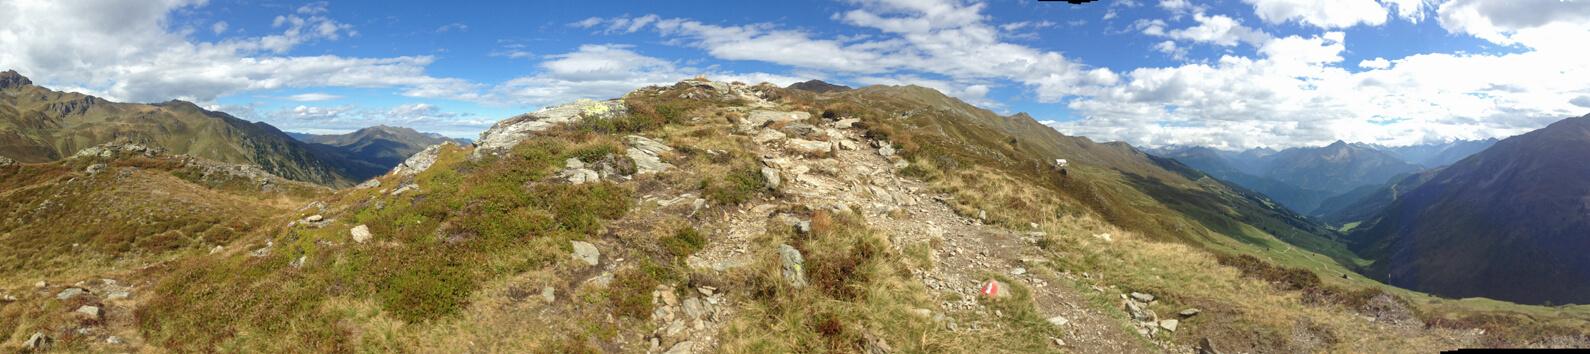 Panorama Richtung Zillertaler Alpen